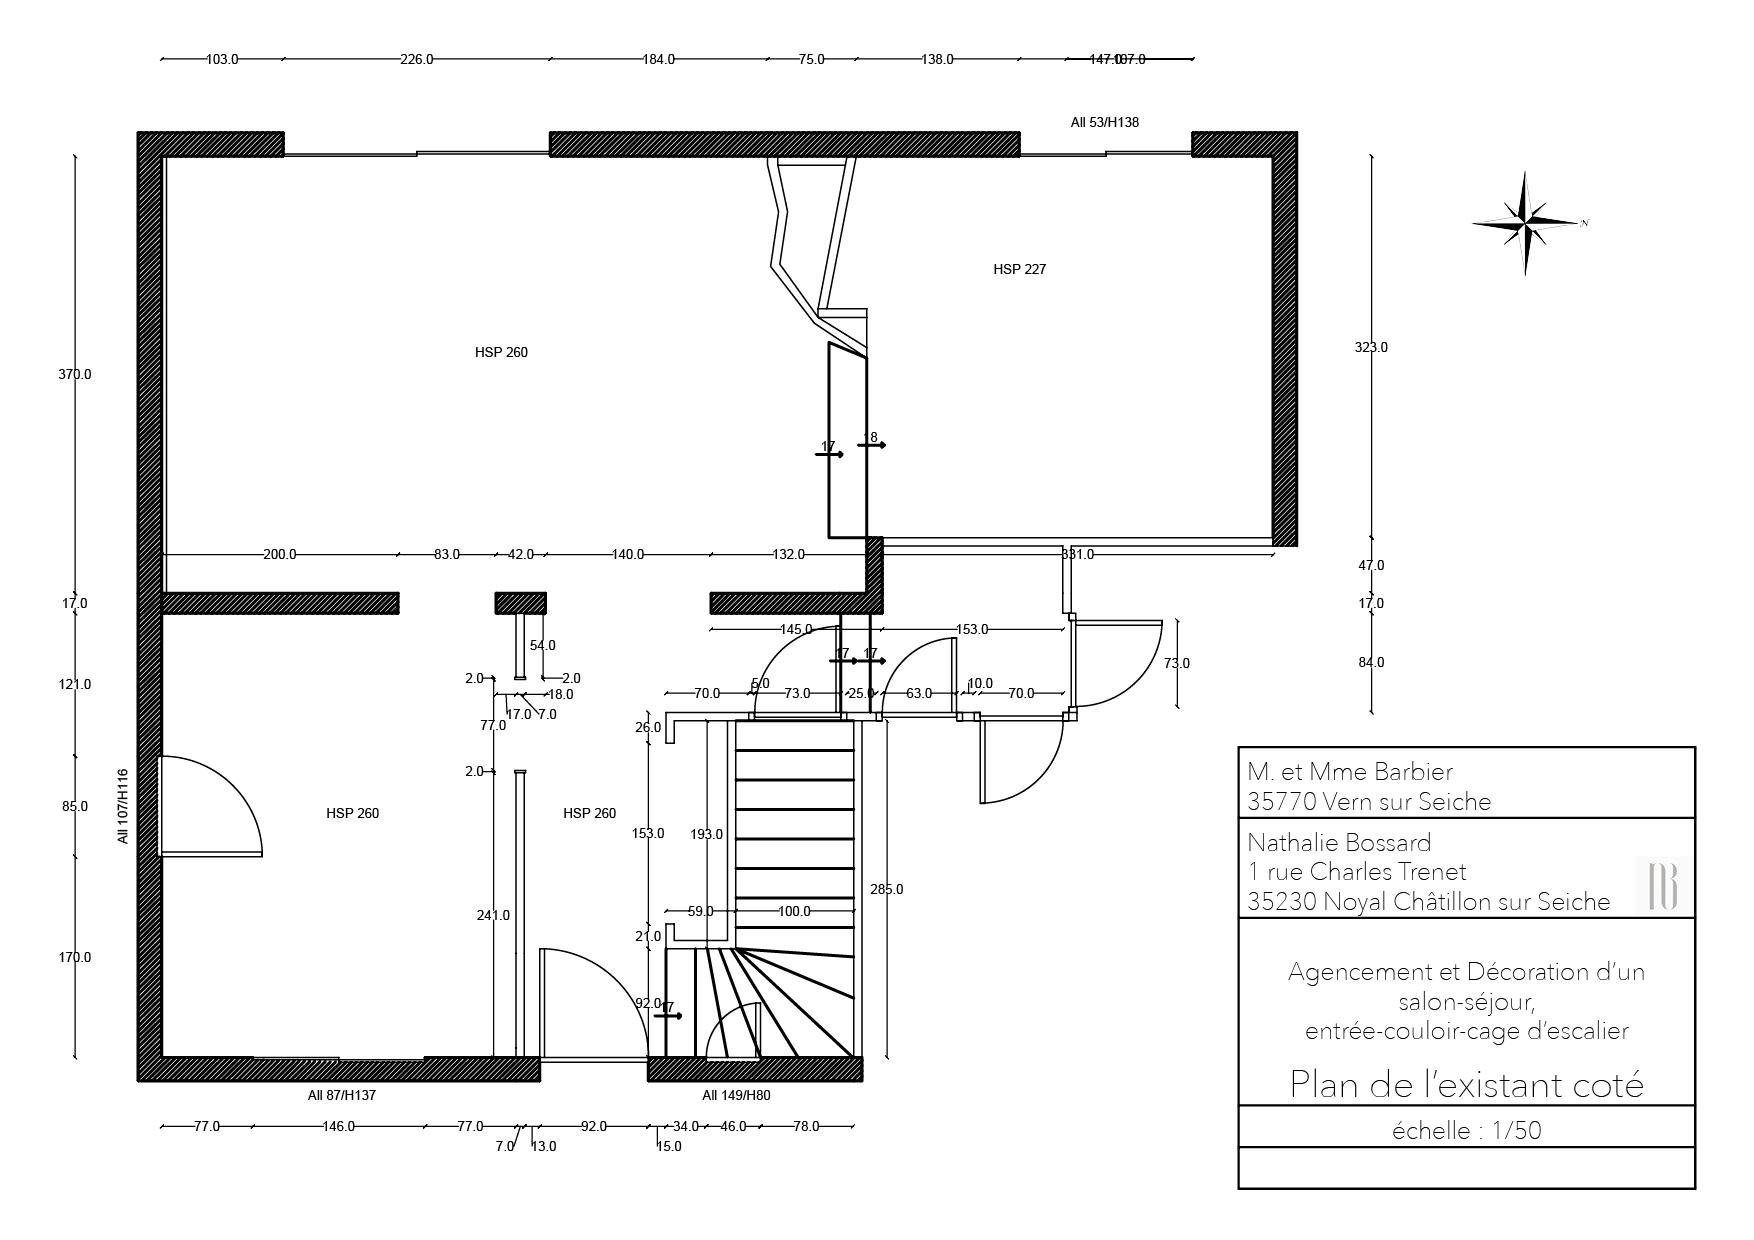 Nathalie Bossard décoration architecture intérieur Rennes 35 UFDI-390 Book déco maison individuelle Vern sur Seiche Ille et Vilaine plan existant coté